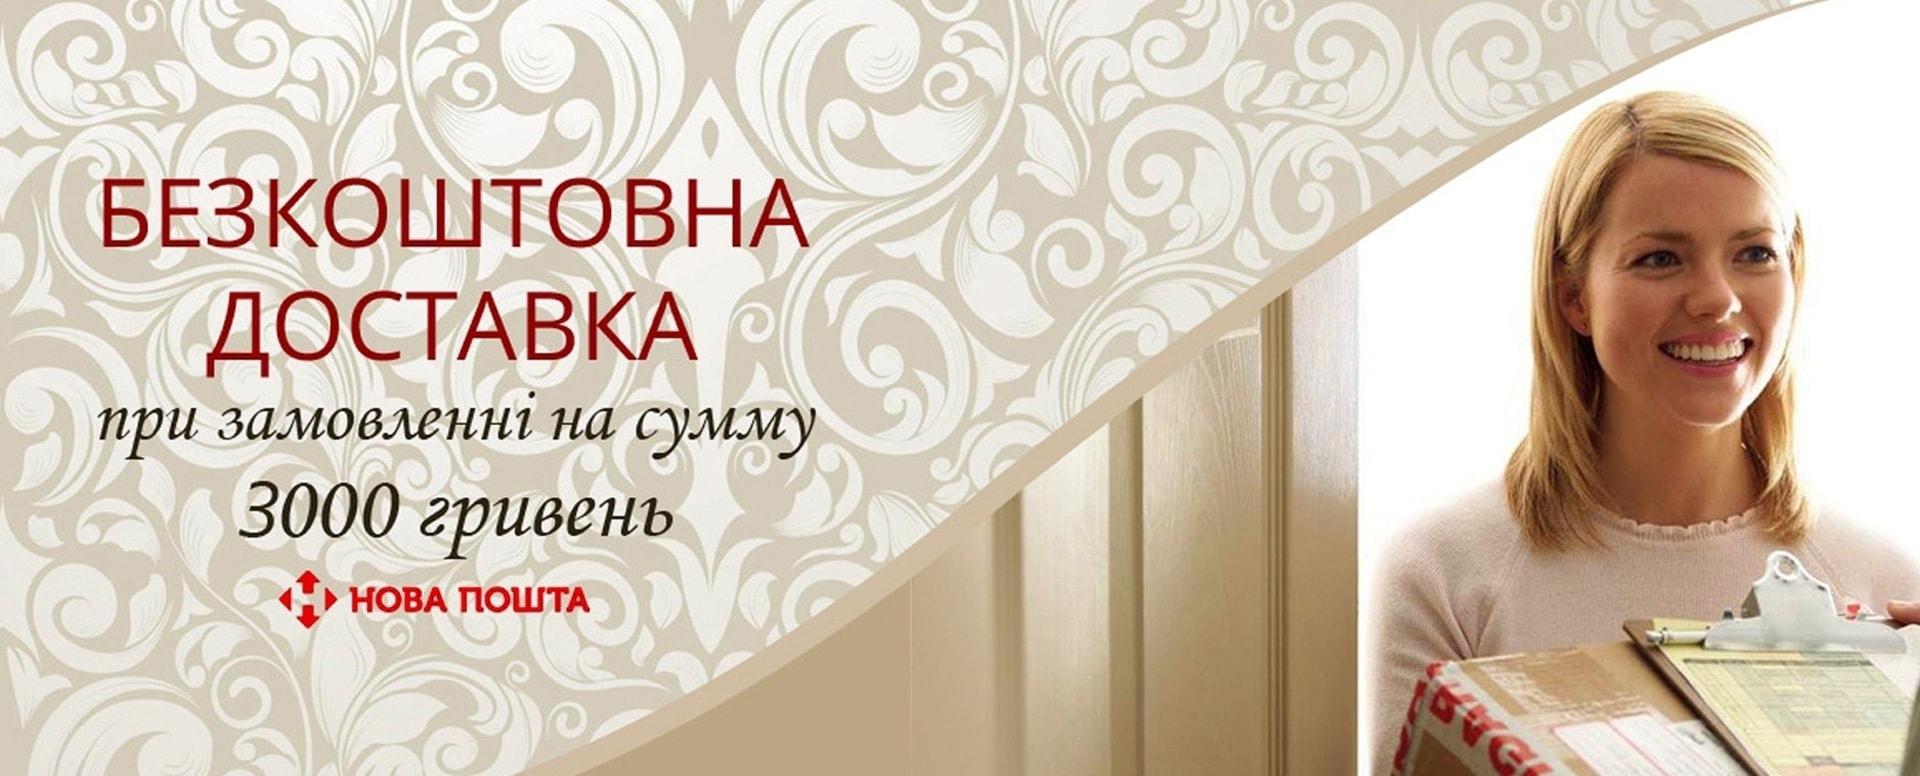 Безкоштовна доставка від 3000 грн. TM ALL POSA